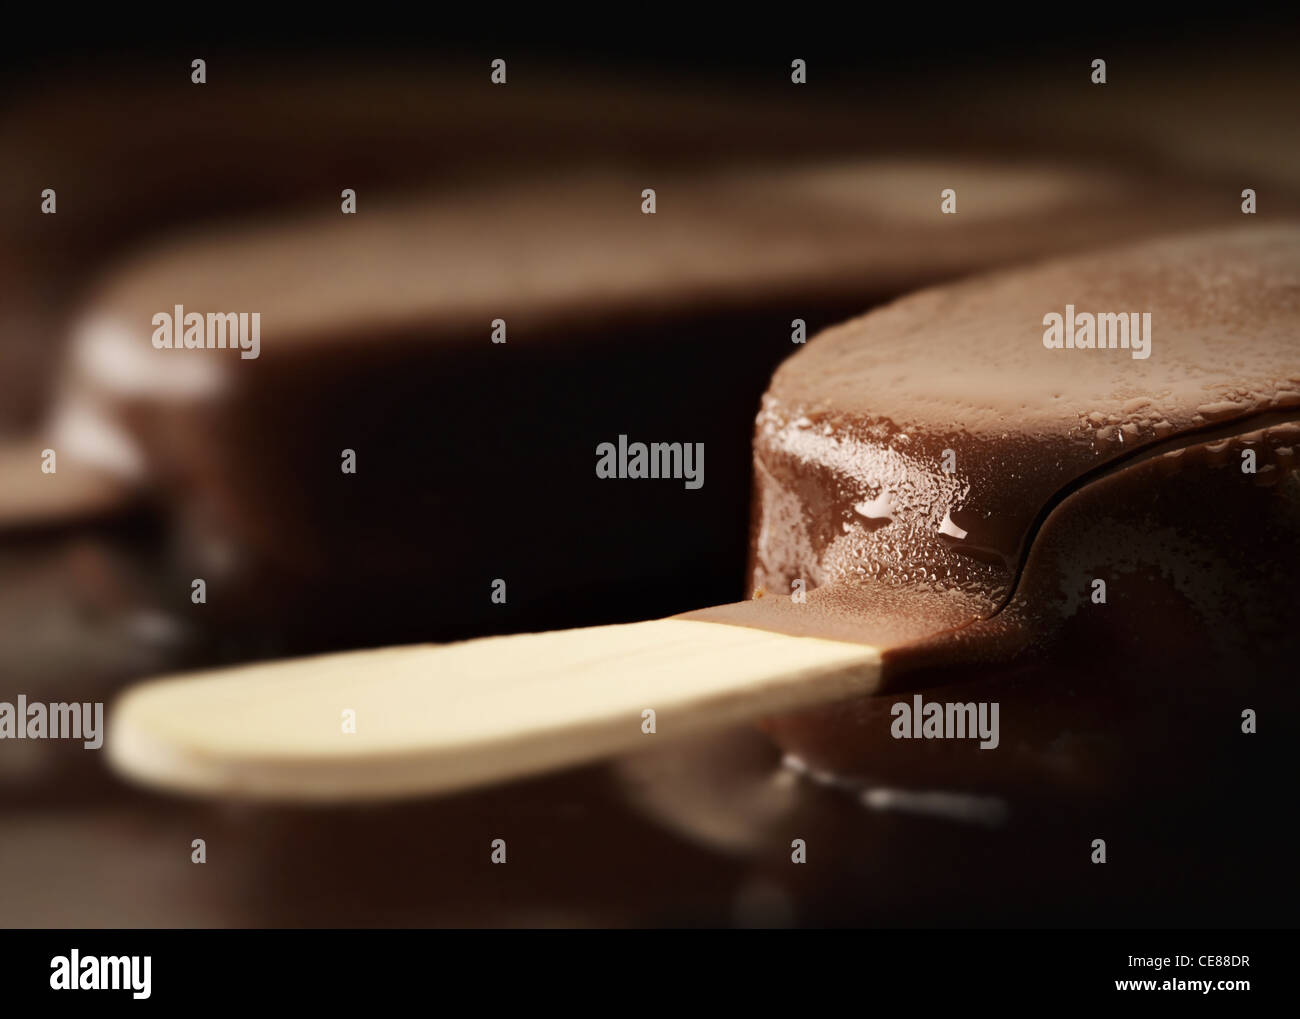 La fonte des glaces Chocolat Crème Close-up Photo Stock